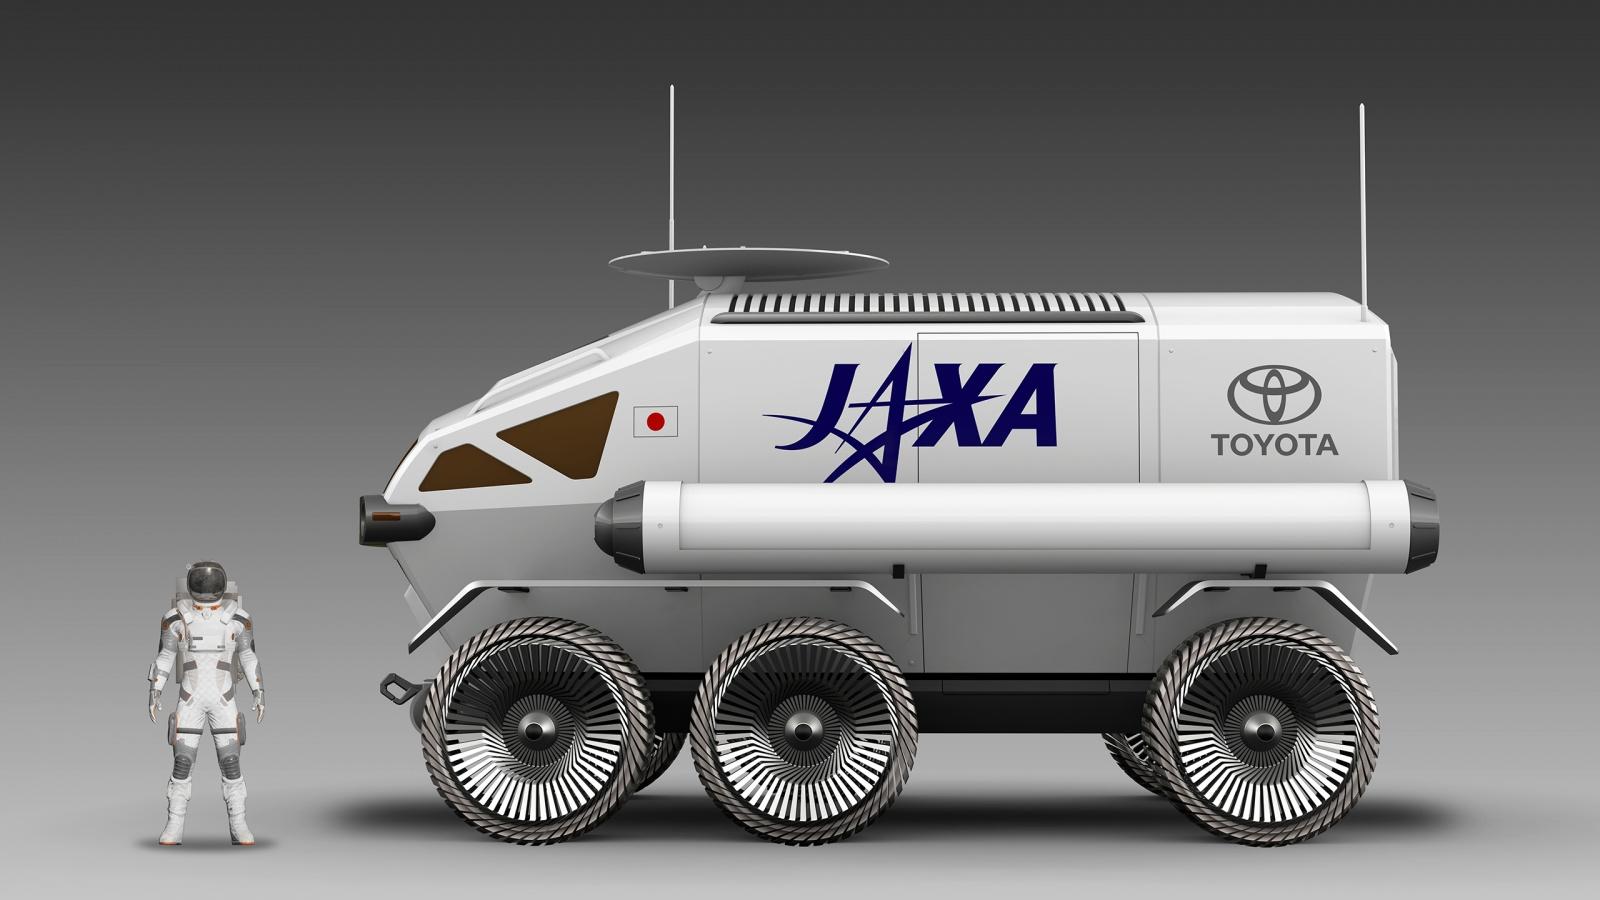 Тойота и JAXA в 2029 году планируют иметь пилотируемый ровер на Луне - 8